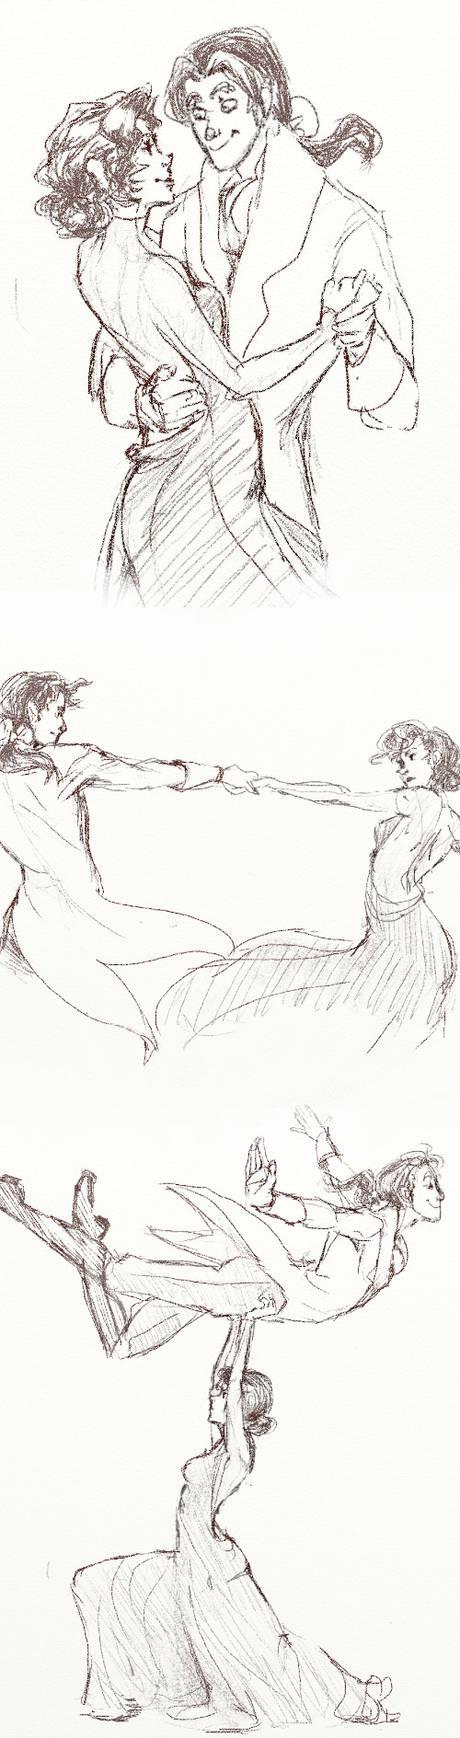 The Delancys Dance